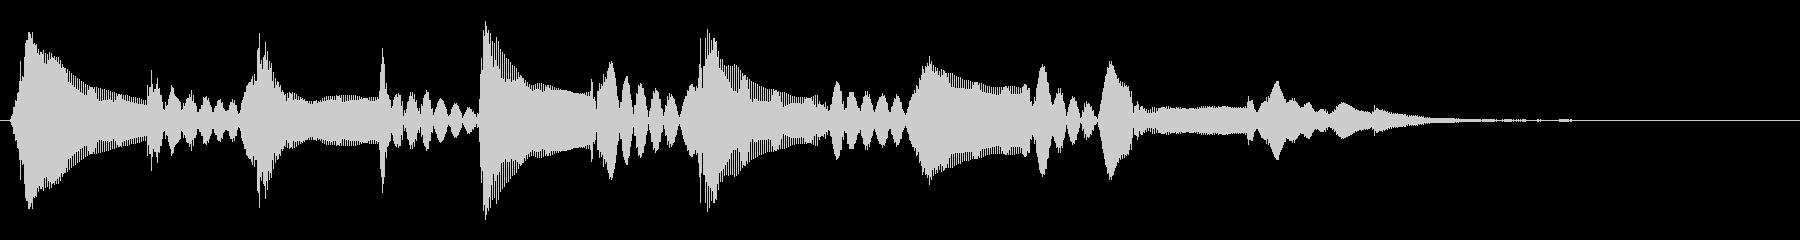 マンドリン:ロー・スロー・トリル、...の未再生の波形